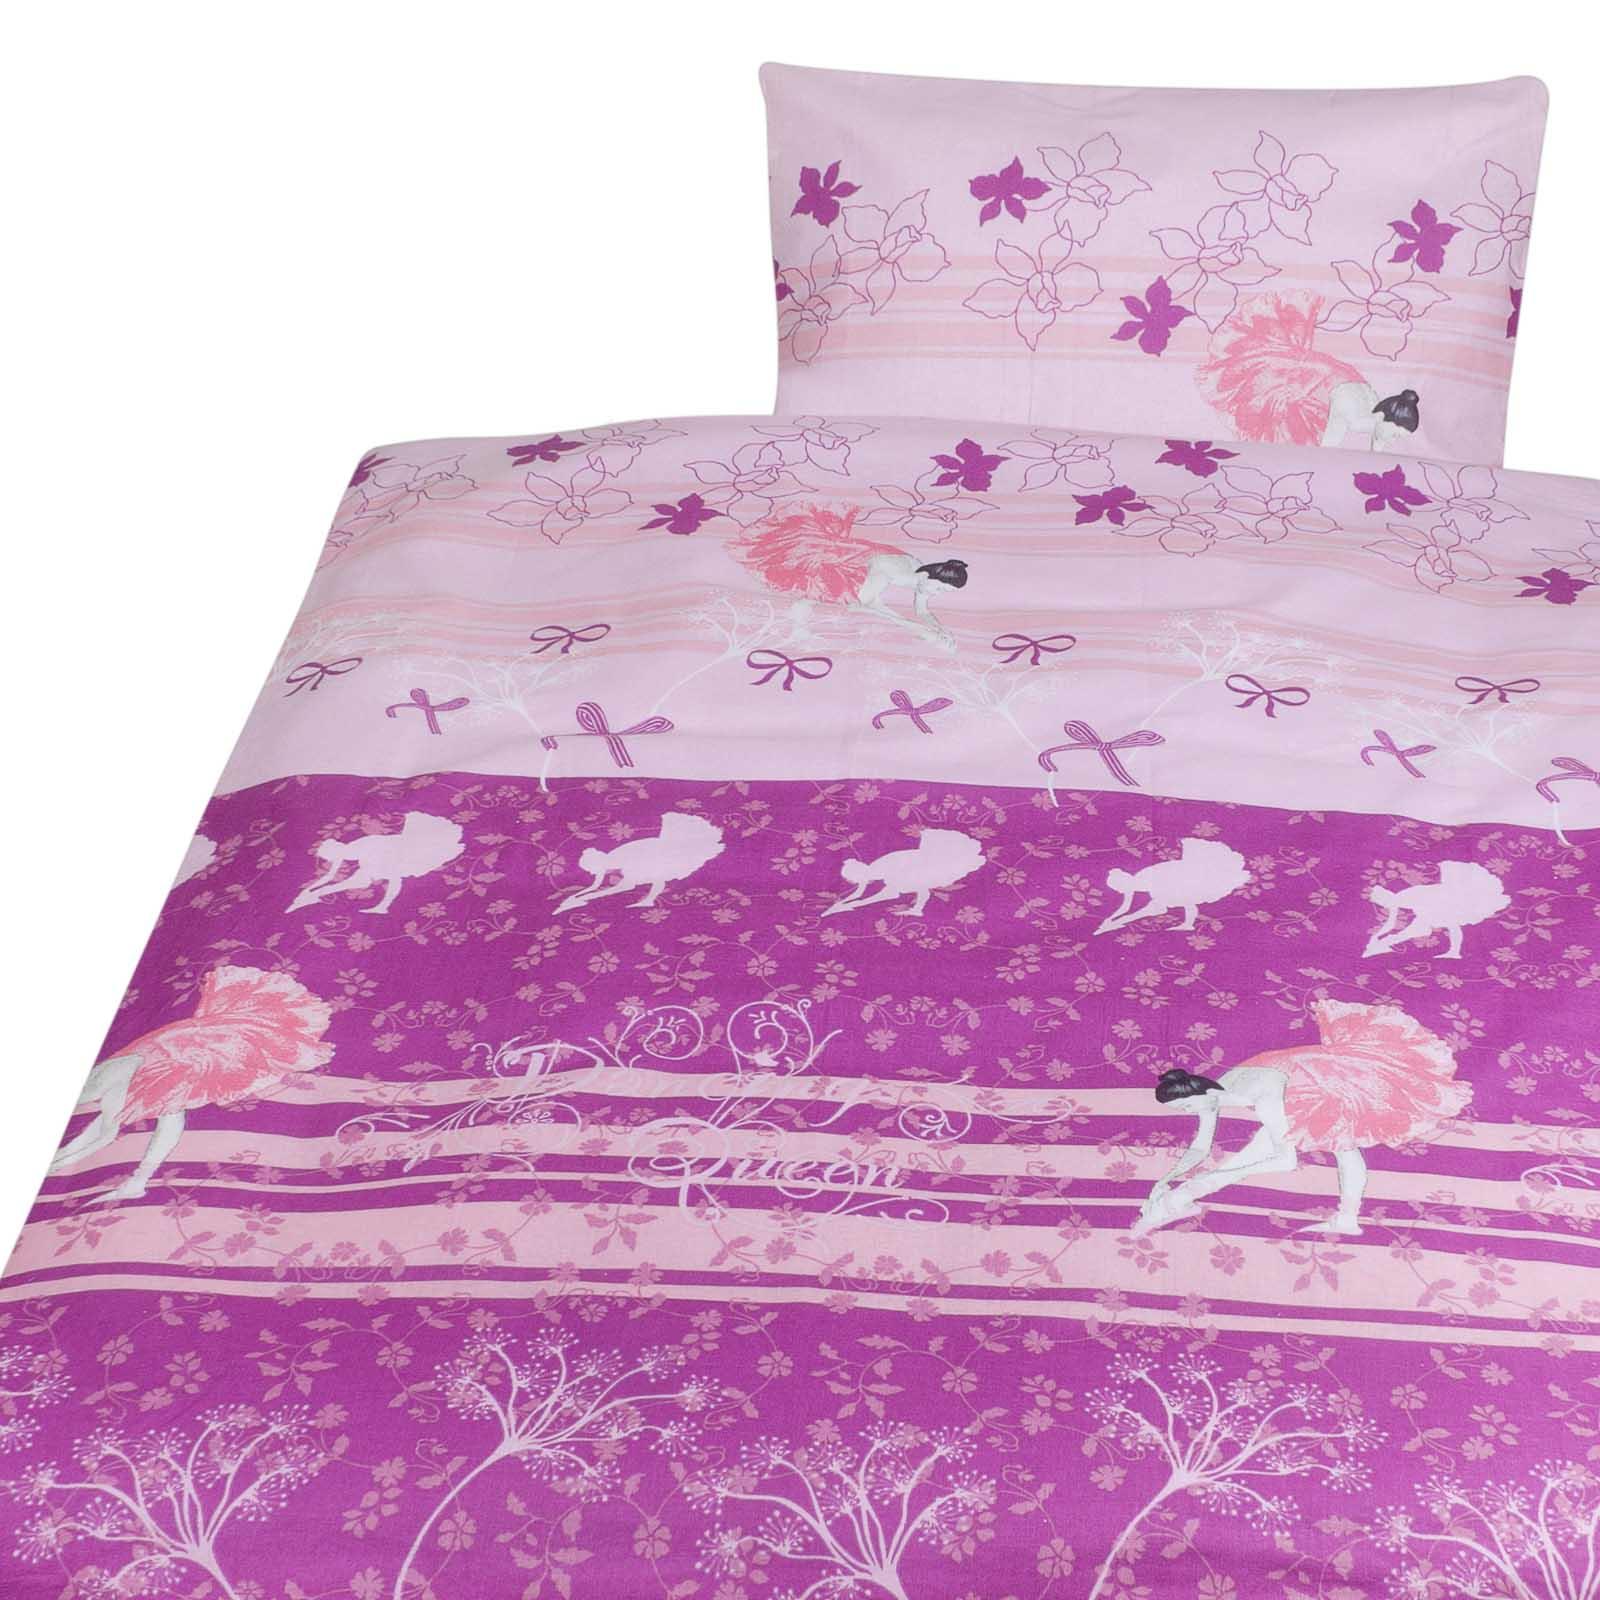 Full Size of Bettwäsche Lustig Bettwsche Und Betten Komplettset 100x135 80x80cm 5 Lustige Muster T Shirt Sprüche T Shirt Wohnzimmer Bettwäsche Lustig